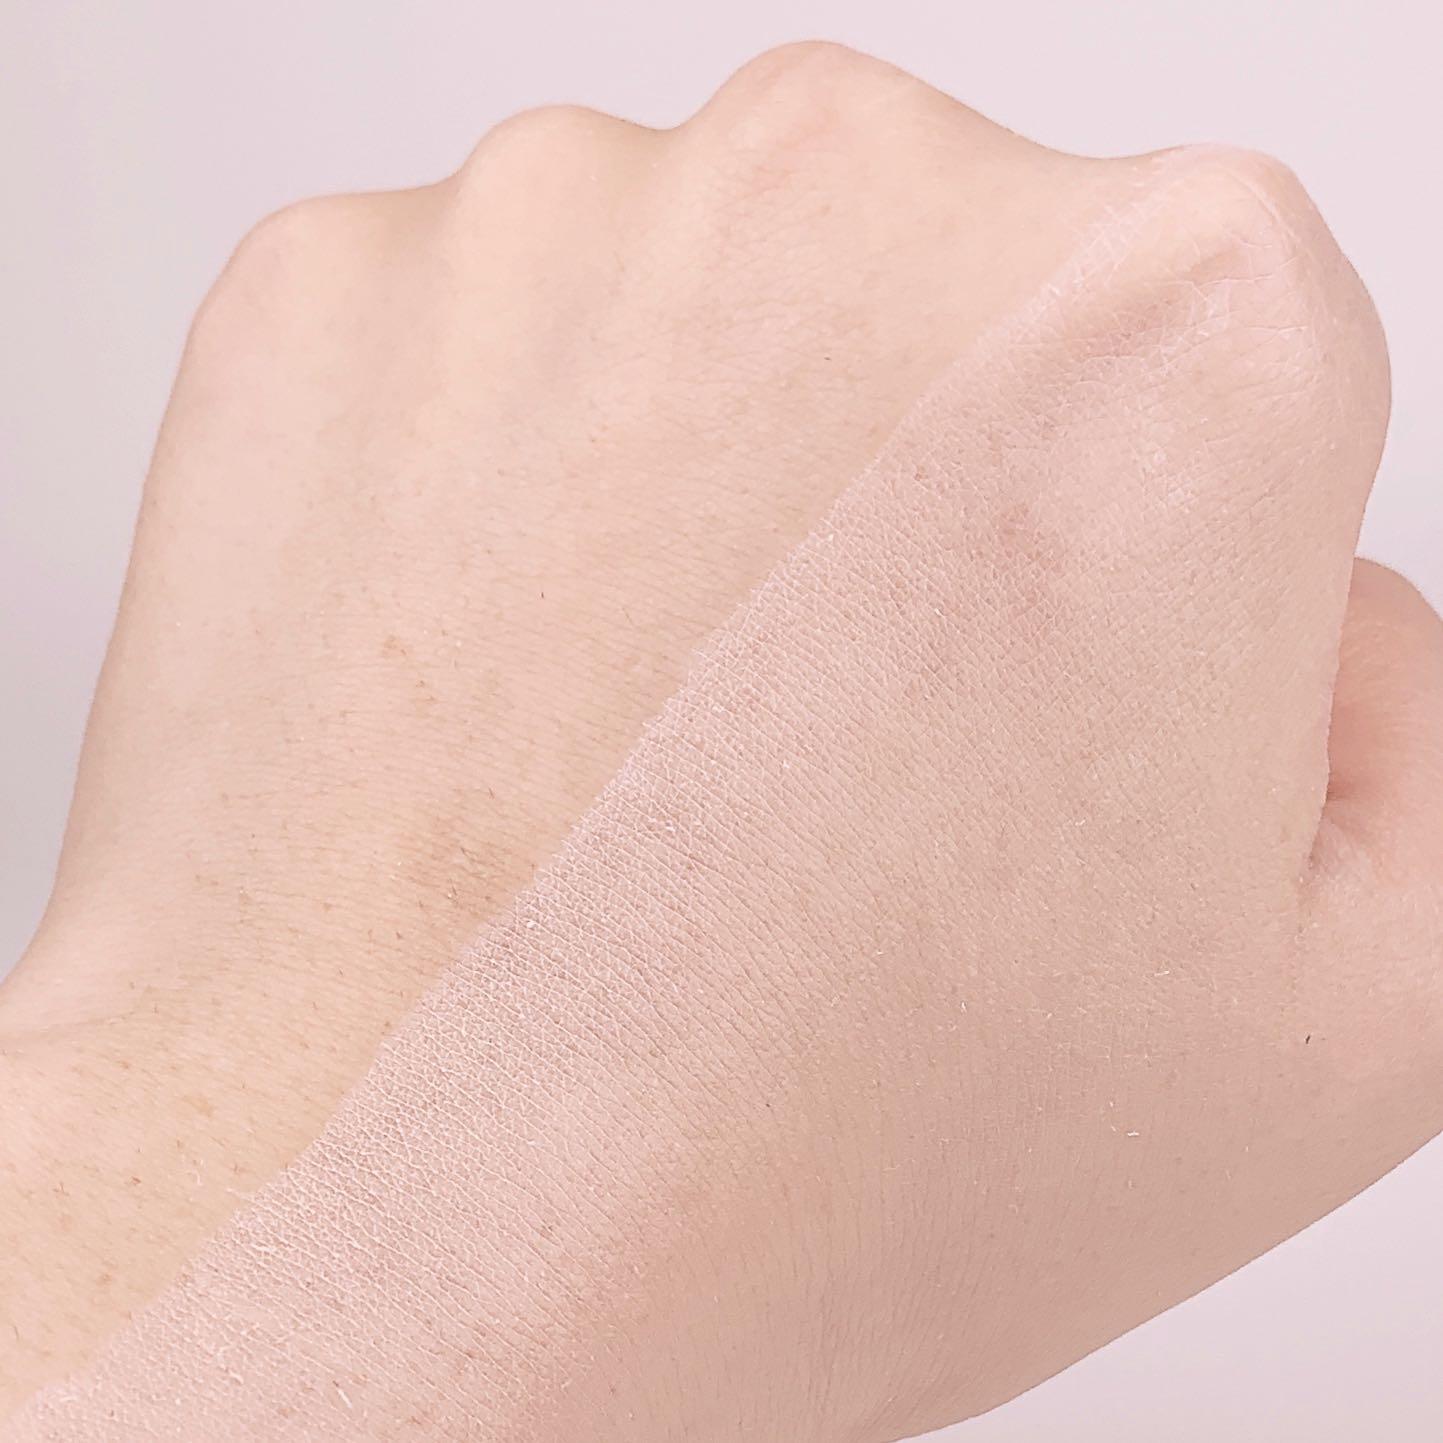 大人気のセザンヌ 皮脂テカリ防止下地!血色を与え顔色のトーンアップも叶う!高見えフェイスに!に関する画像7